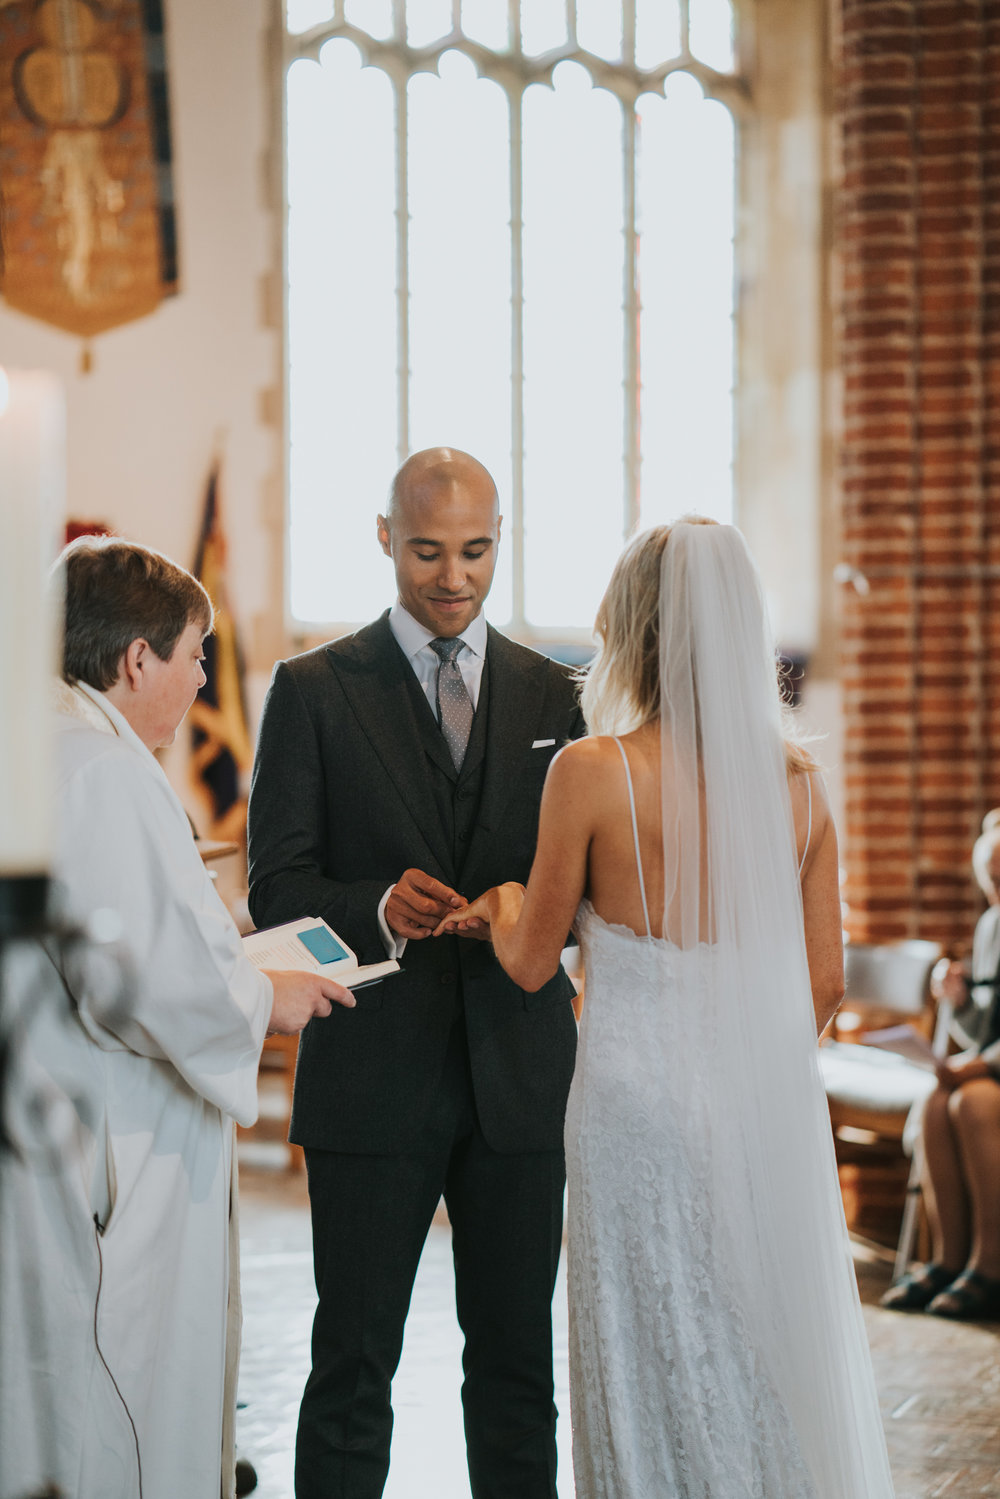 intimate-english-church-wedding-sarah-alex-colchester-essex-grace-elizabeth-colchester-essex-alternative-wedding-lifestyle-photographer-essex-suffolk-norfolk-devon (49 of 92).jpg